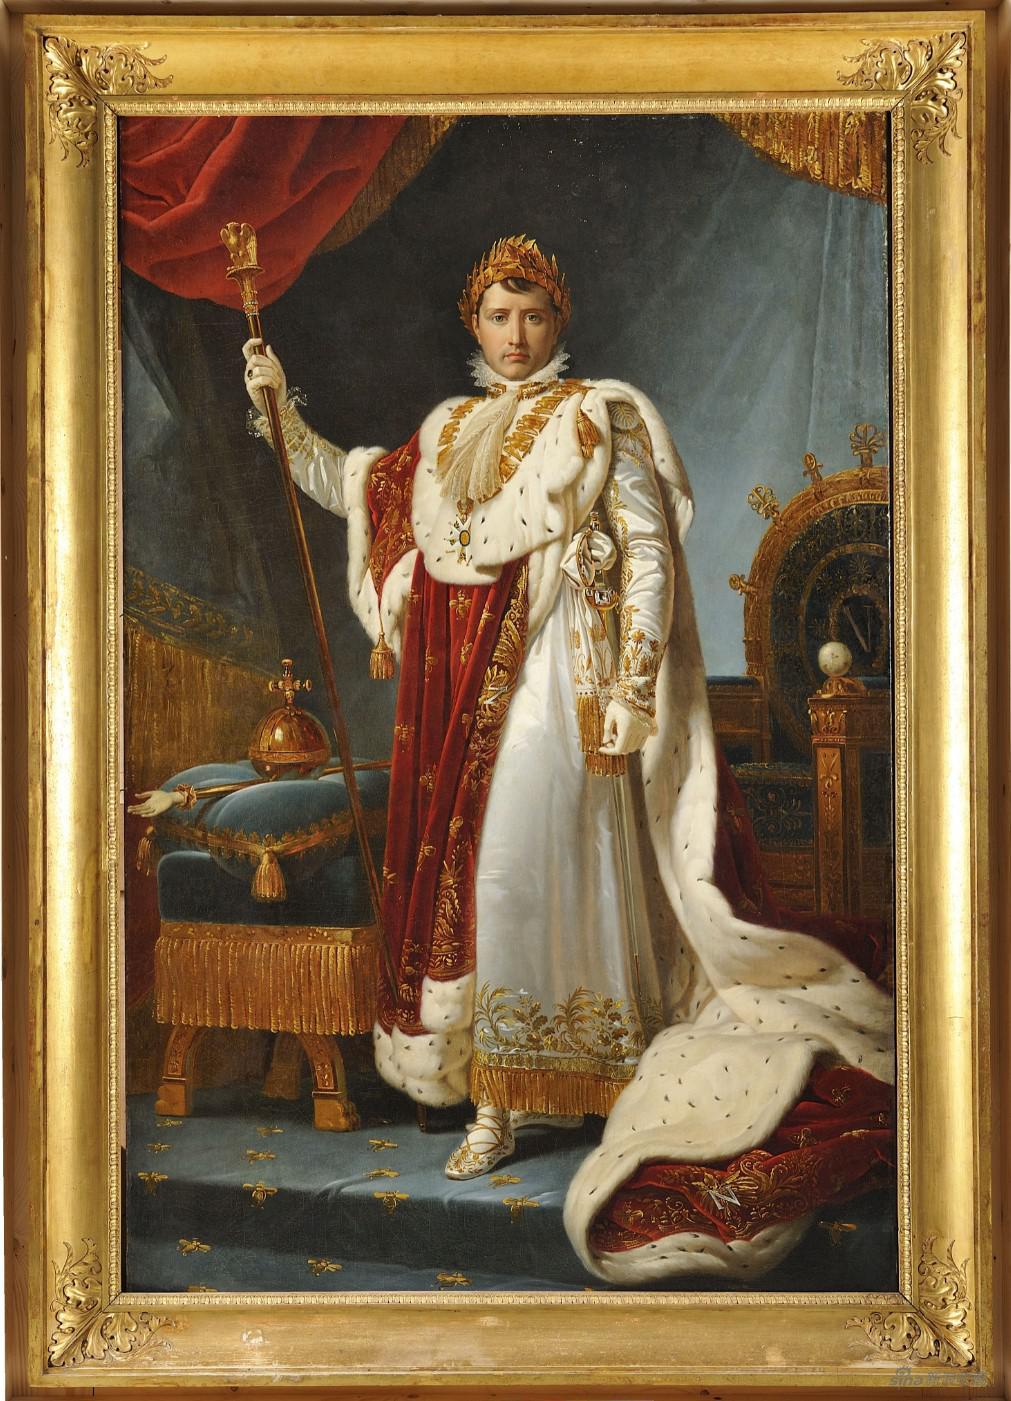 拿破仑一世身着加冕服装的肖像 弗朗索瓦·杰拉德 (1770-1837)布面油画 251 × 176 cm 1810 图片:黄盒子美术馆